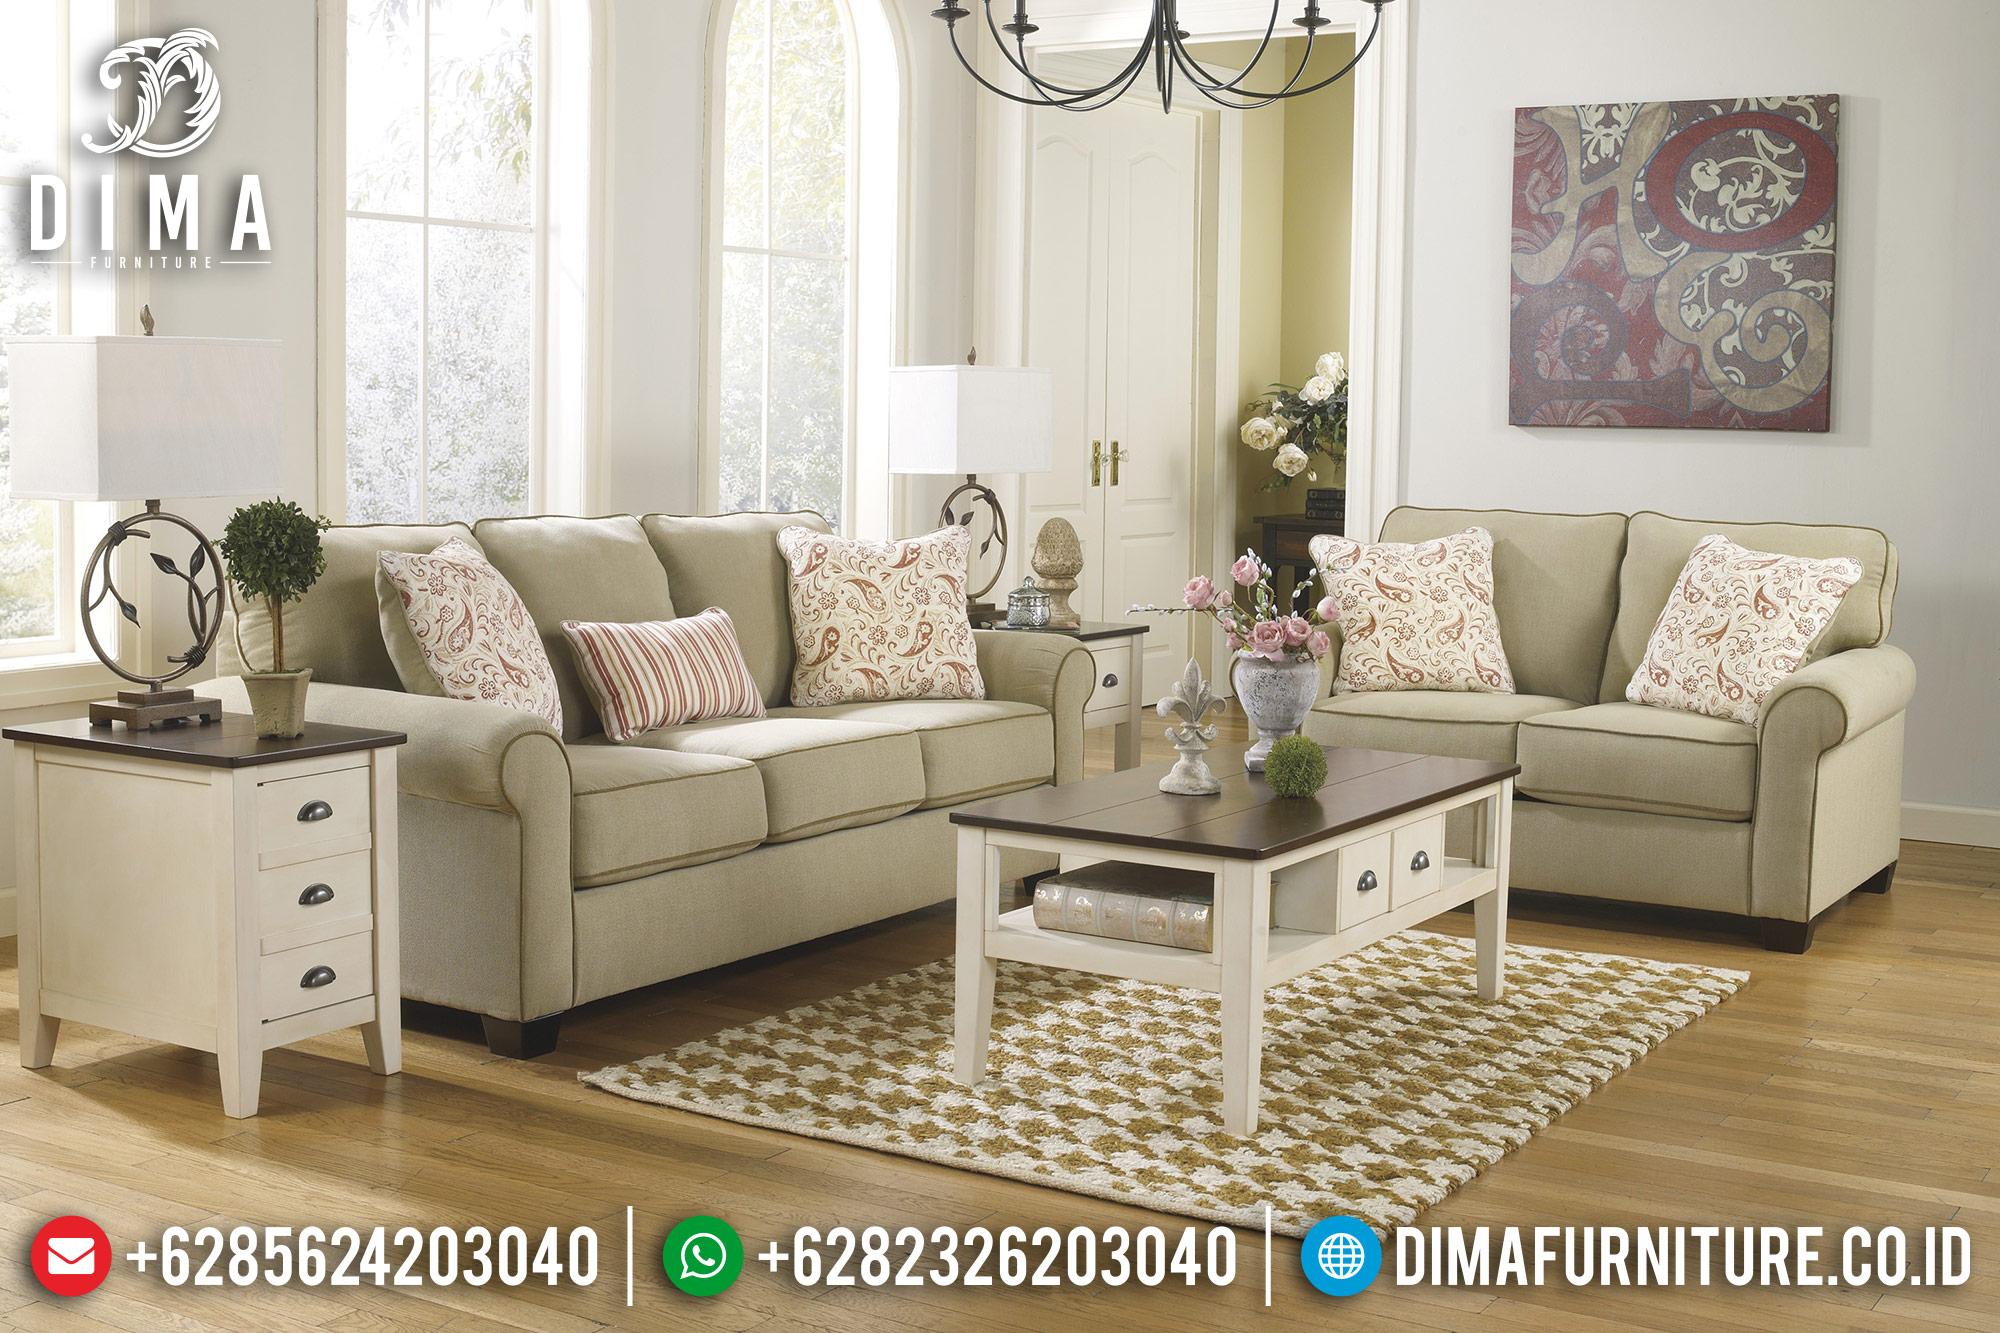 Sofa Tamu Jepara Terbaru Minimalis Mewah Canvas Cream ST-0539